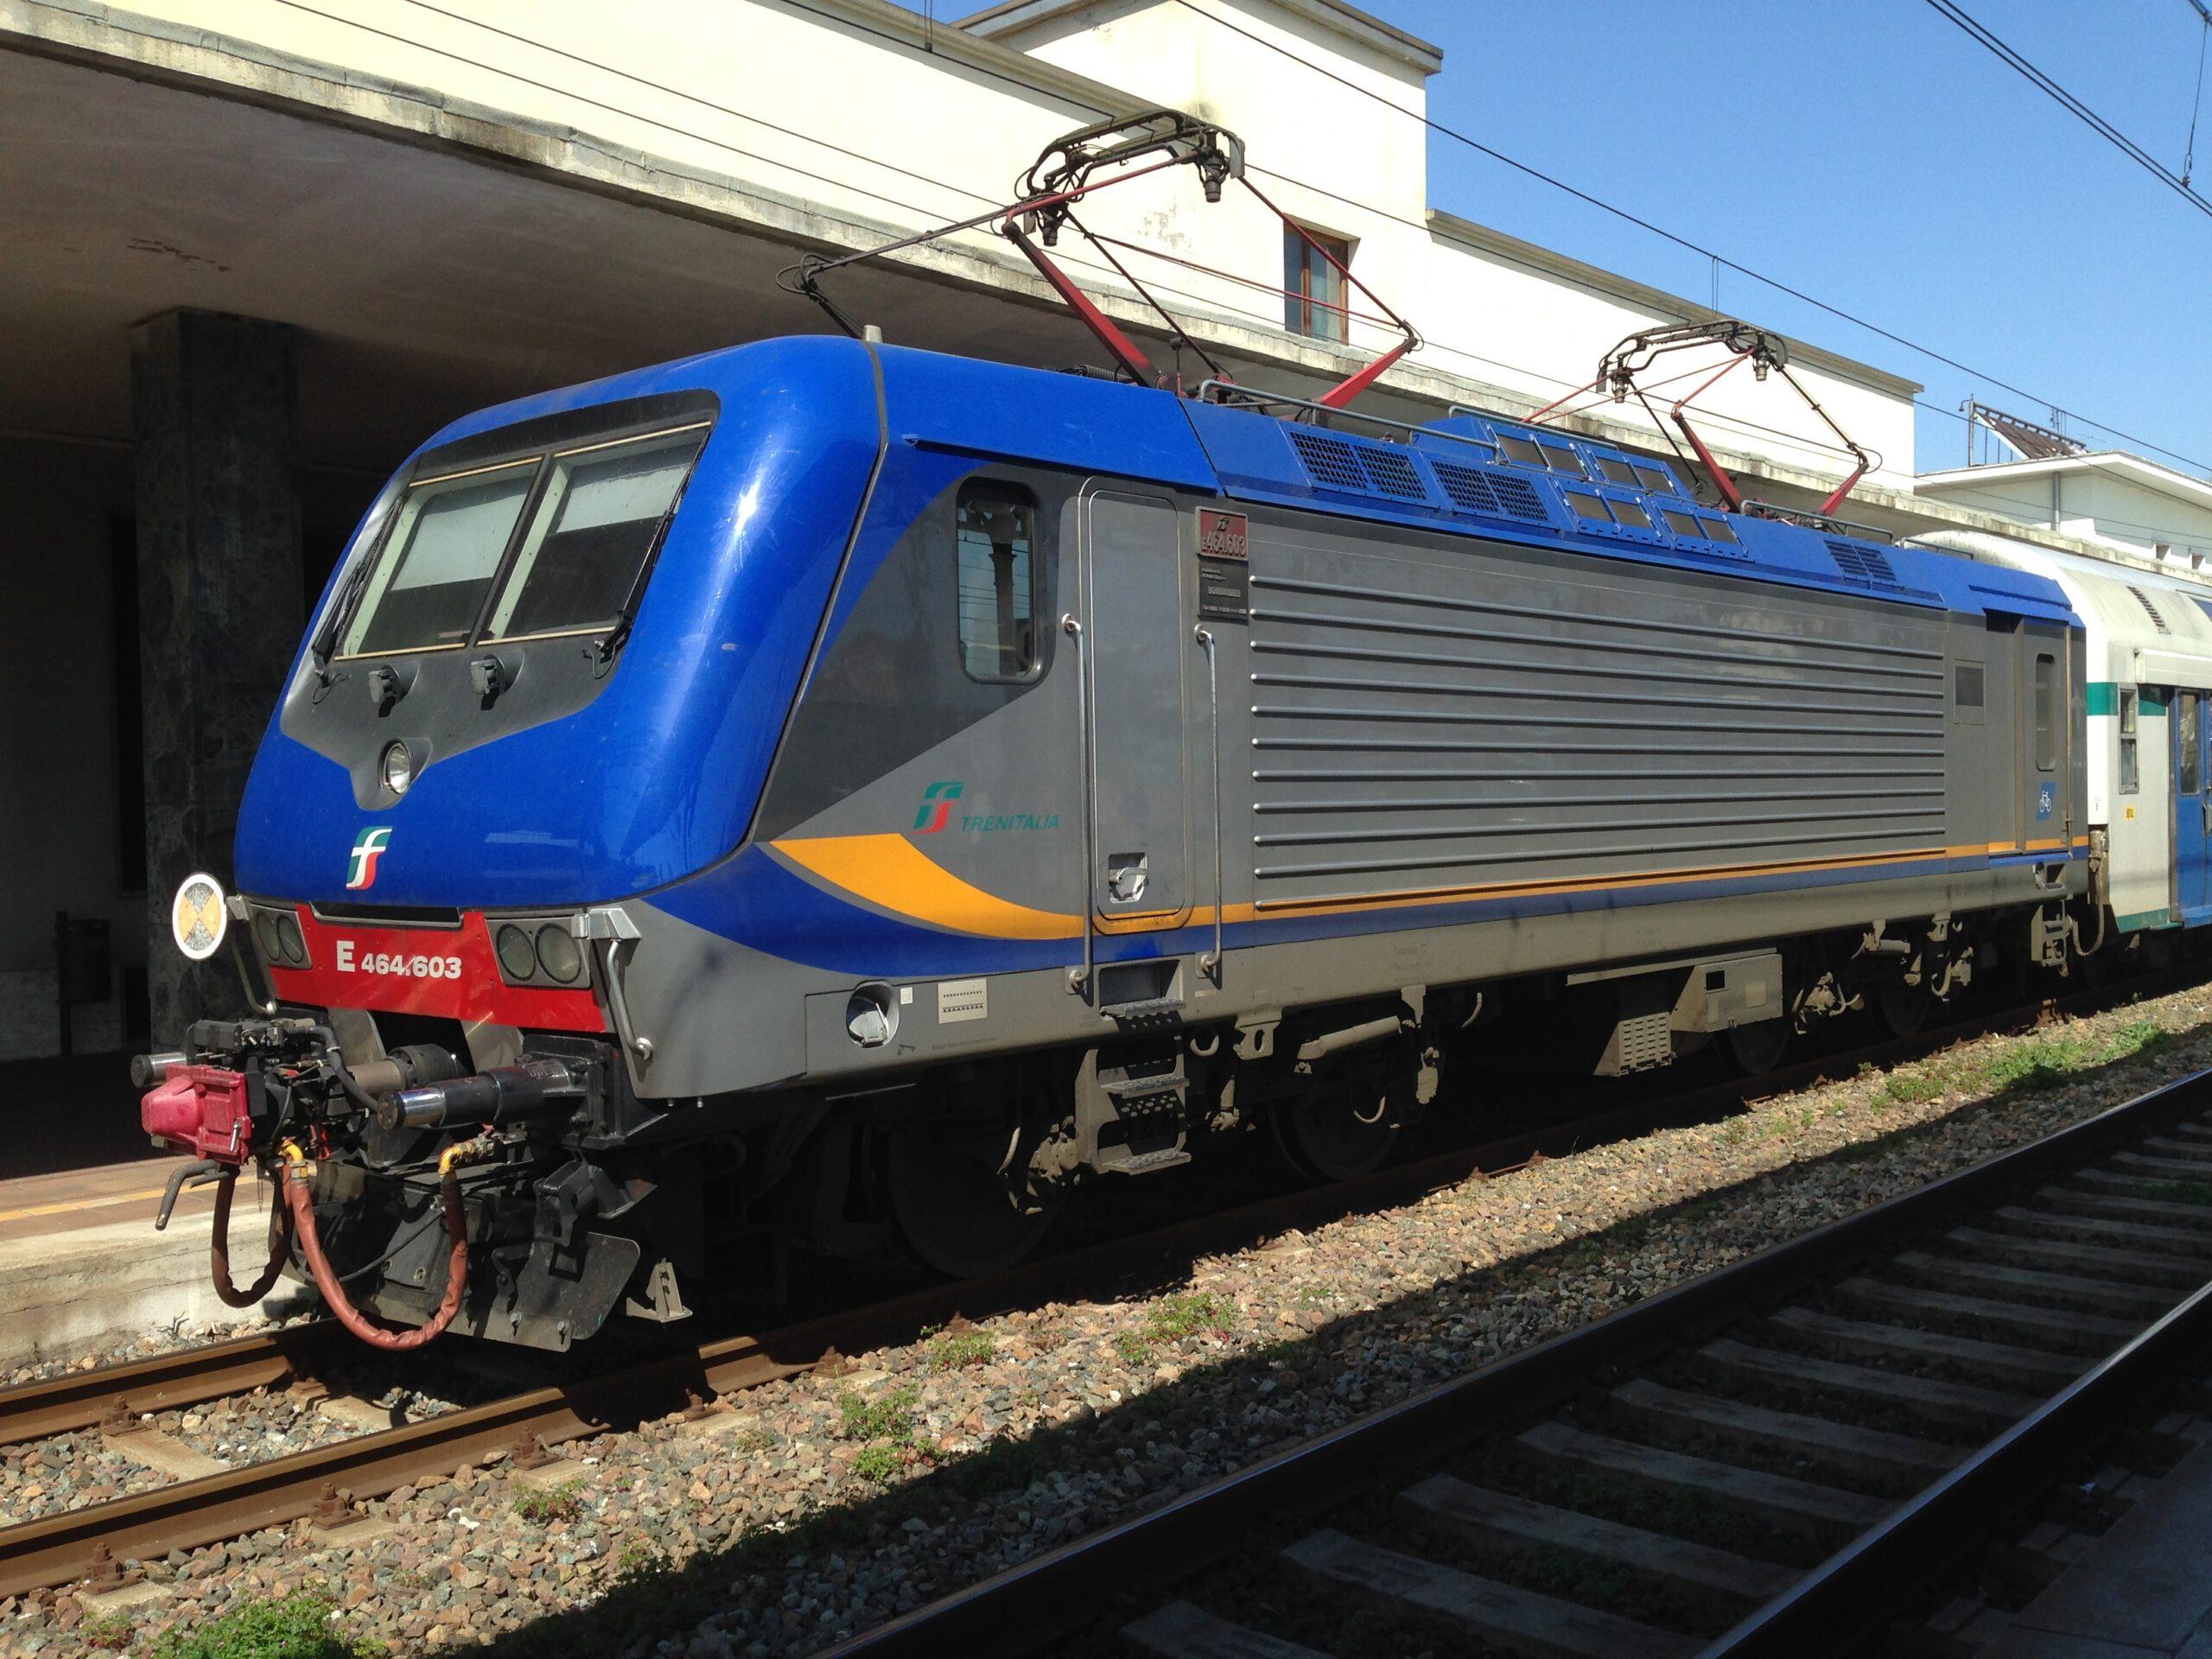 Bombardier TRAXX E464 for FS Italiane